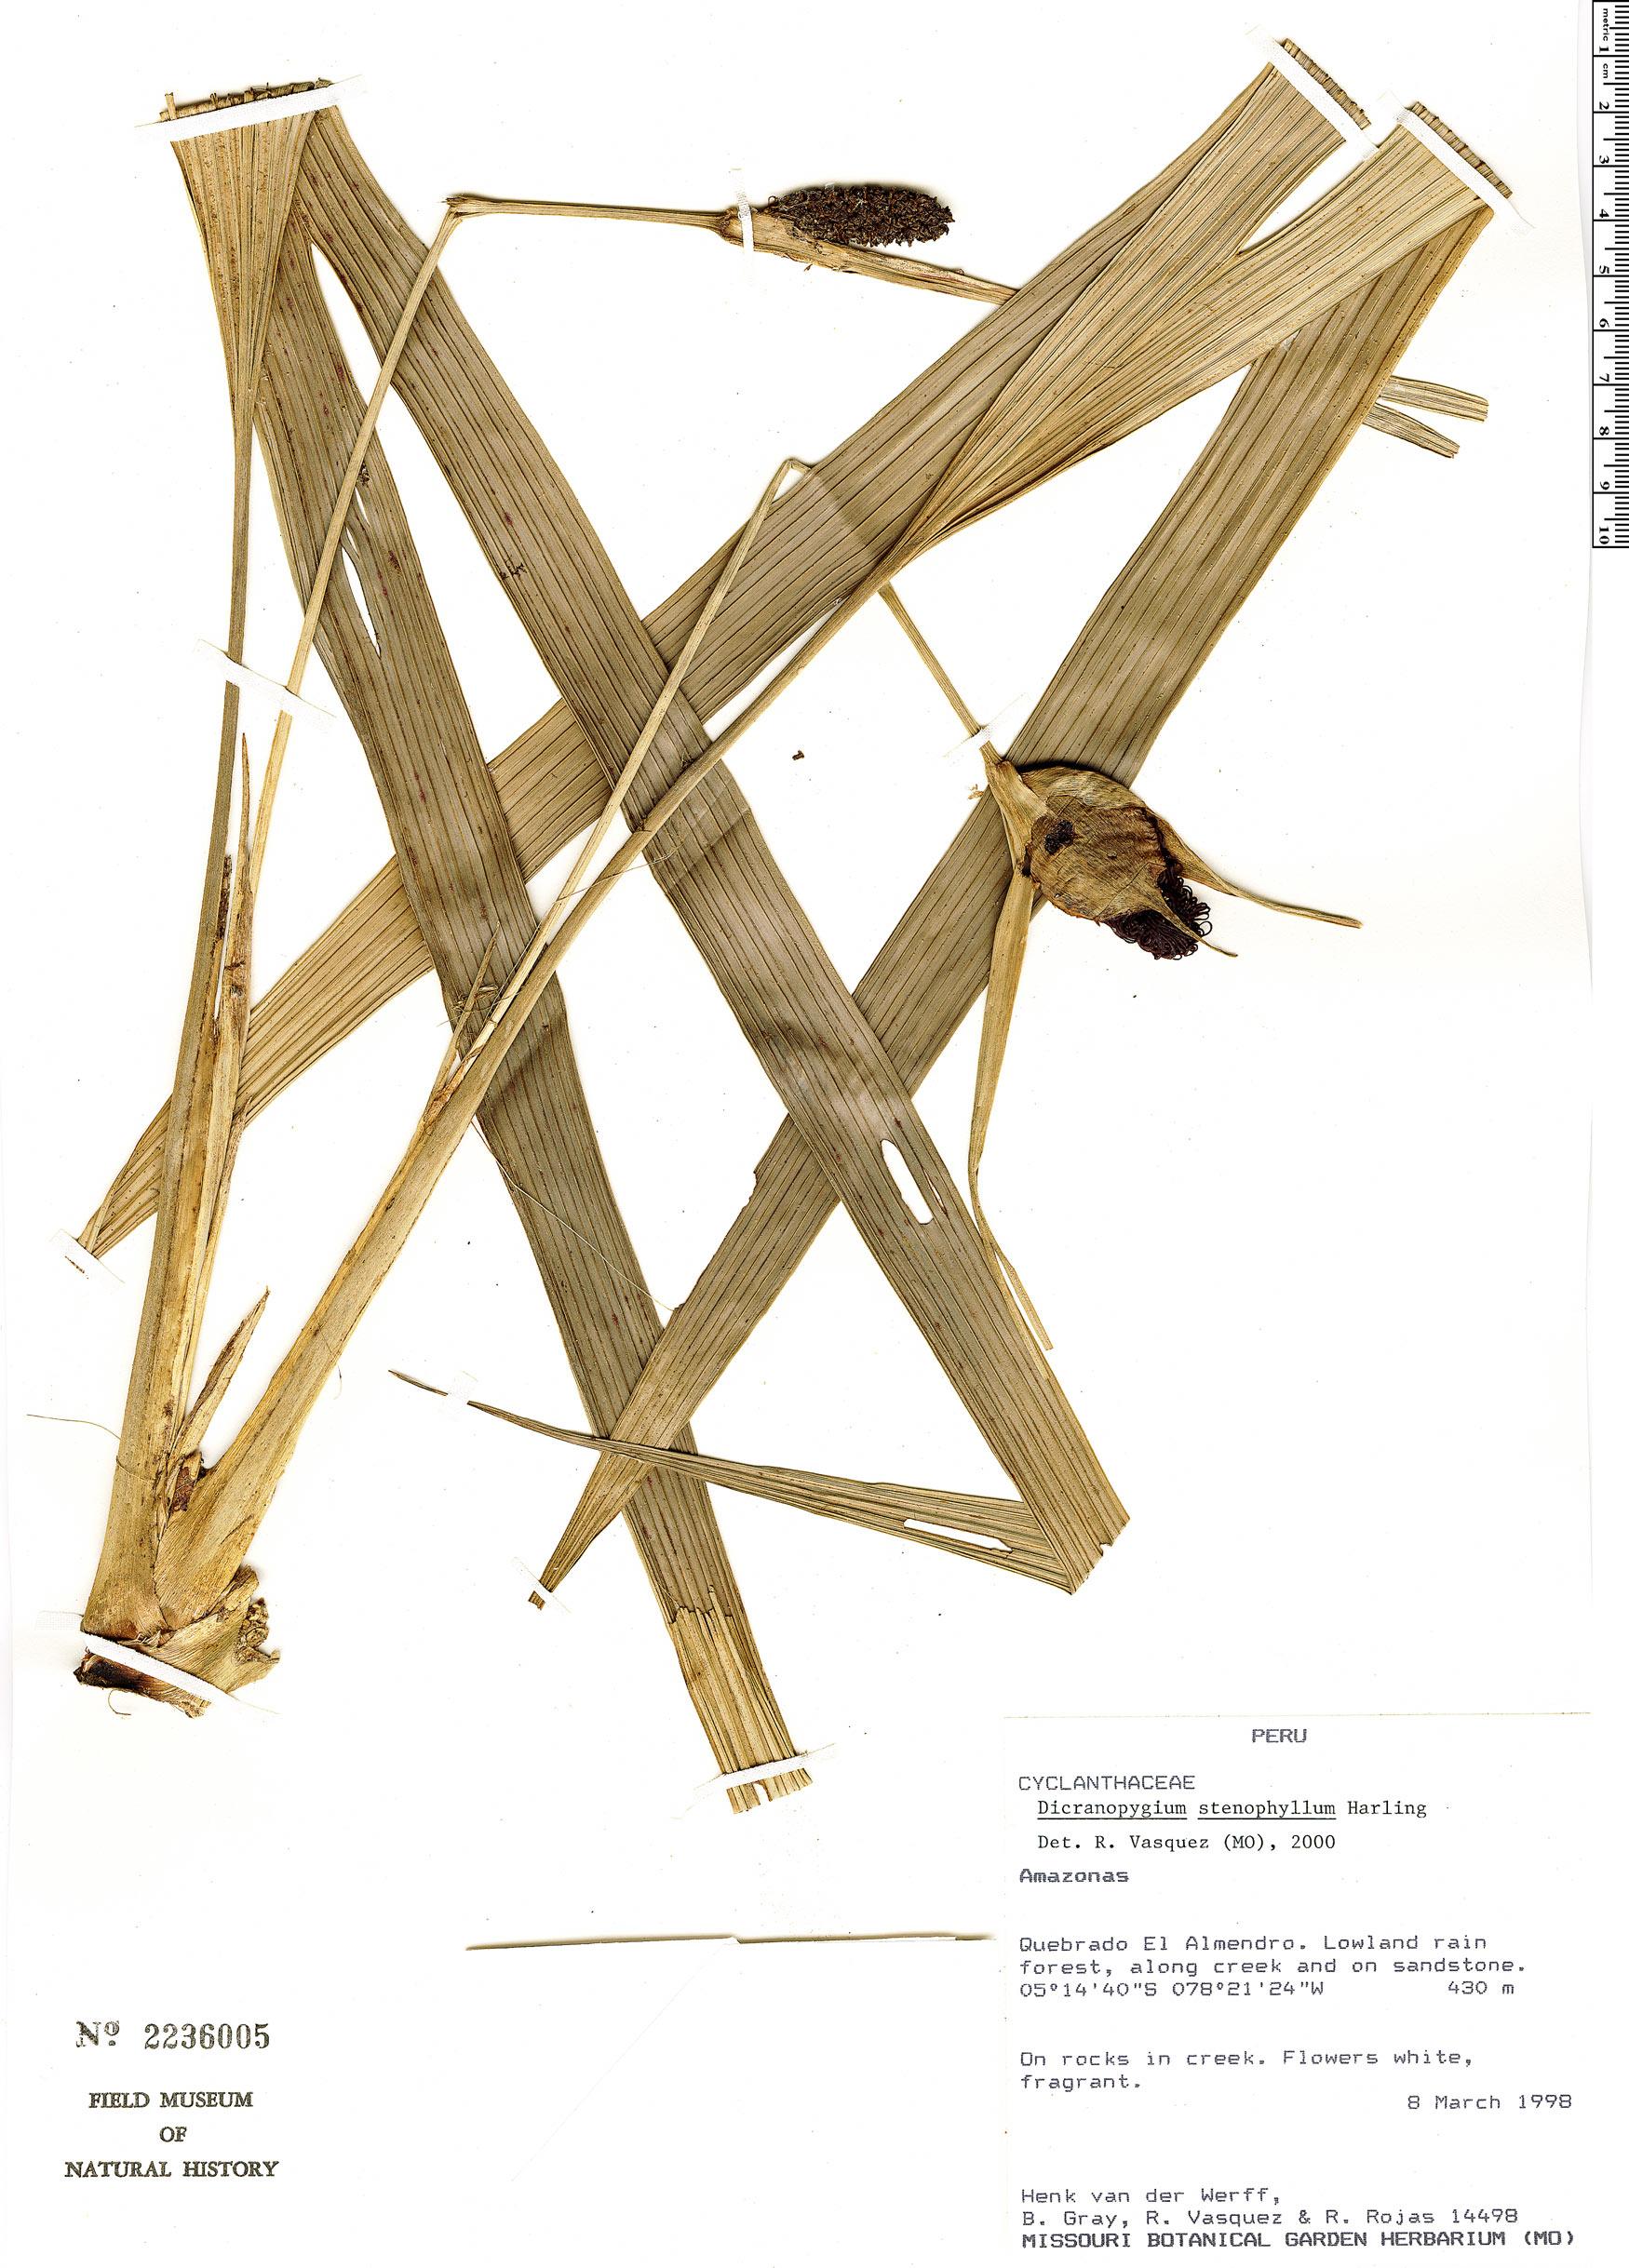 Specimen: Dicranopygium stenophyllum